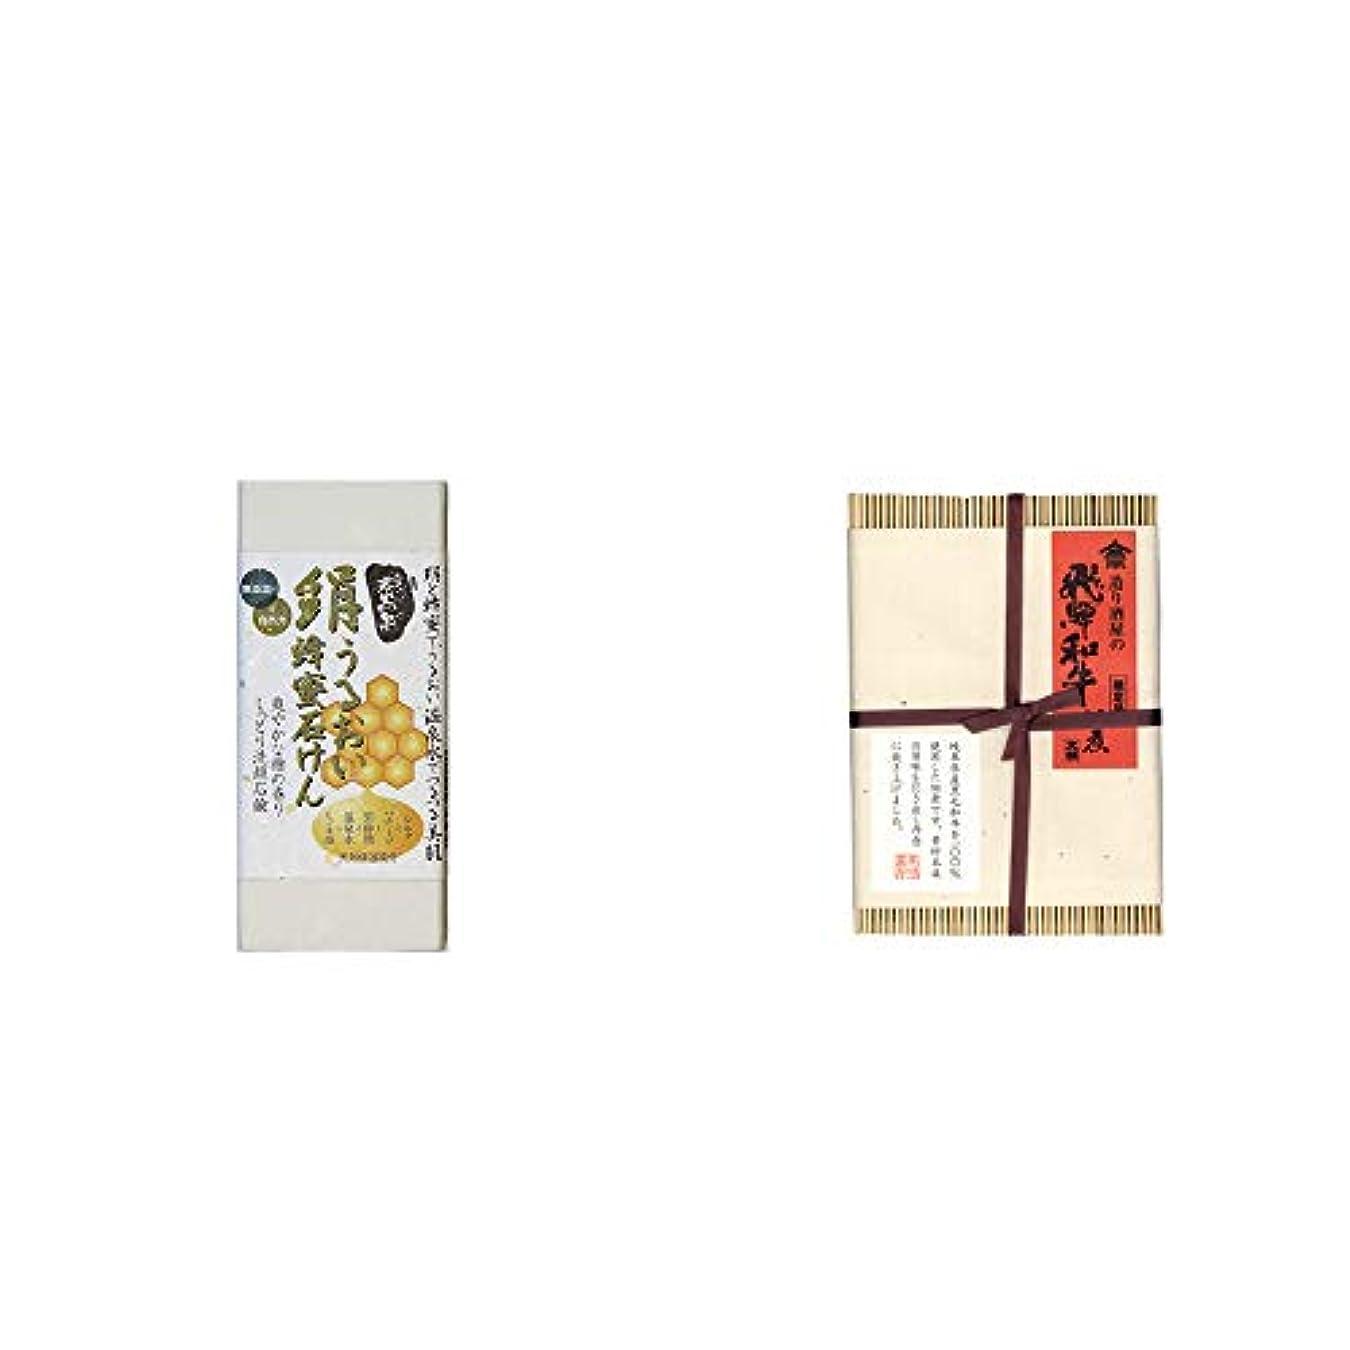 ハウススリンク幹[2点セット] ひのき炭黒泉 絹うるおい蜂蜜石けん(75g×2)?天領酒造 造り酒屋の飛騨和牛佃煮(100g)